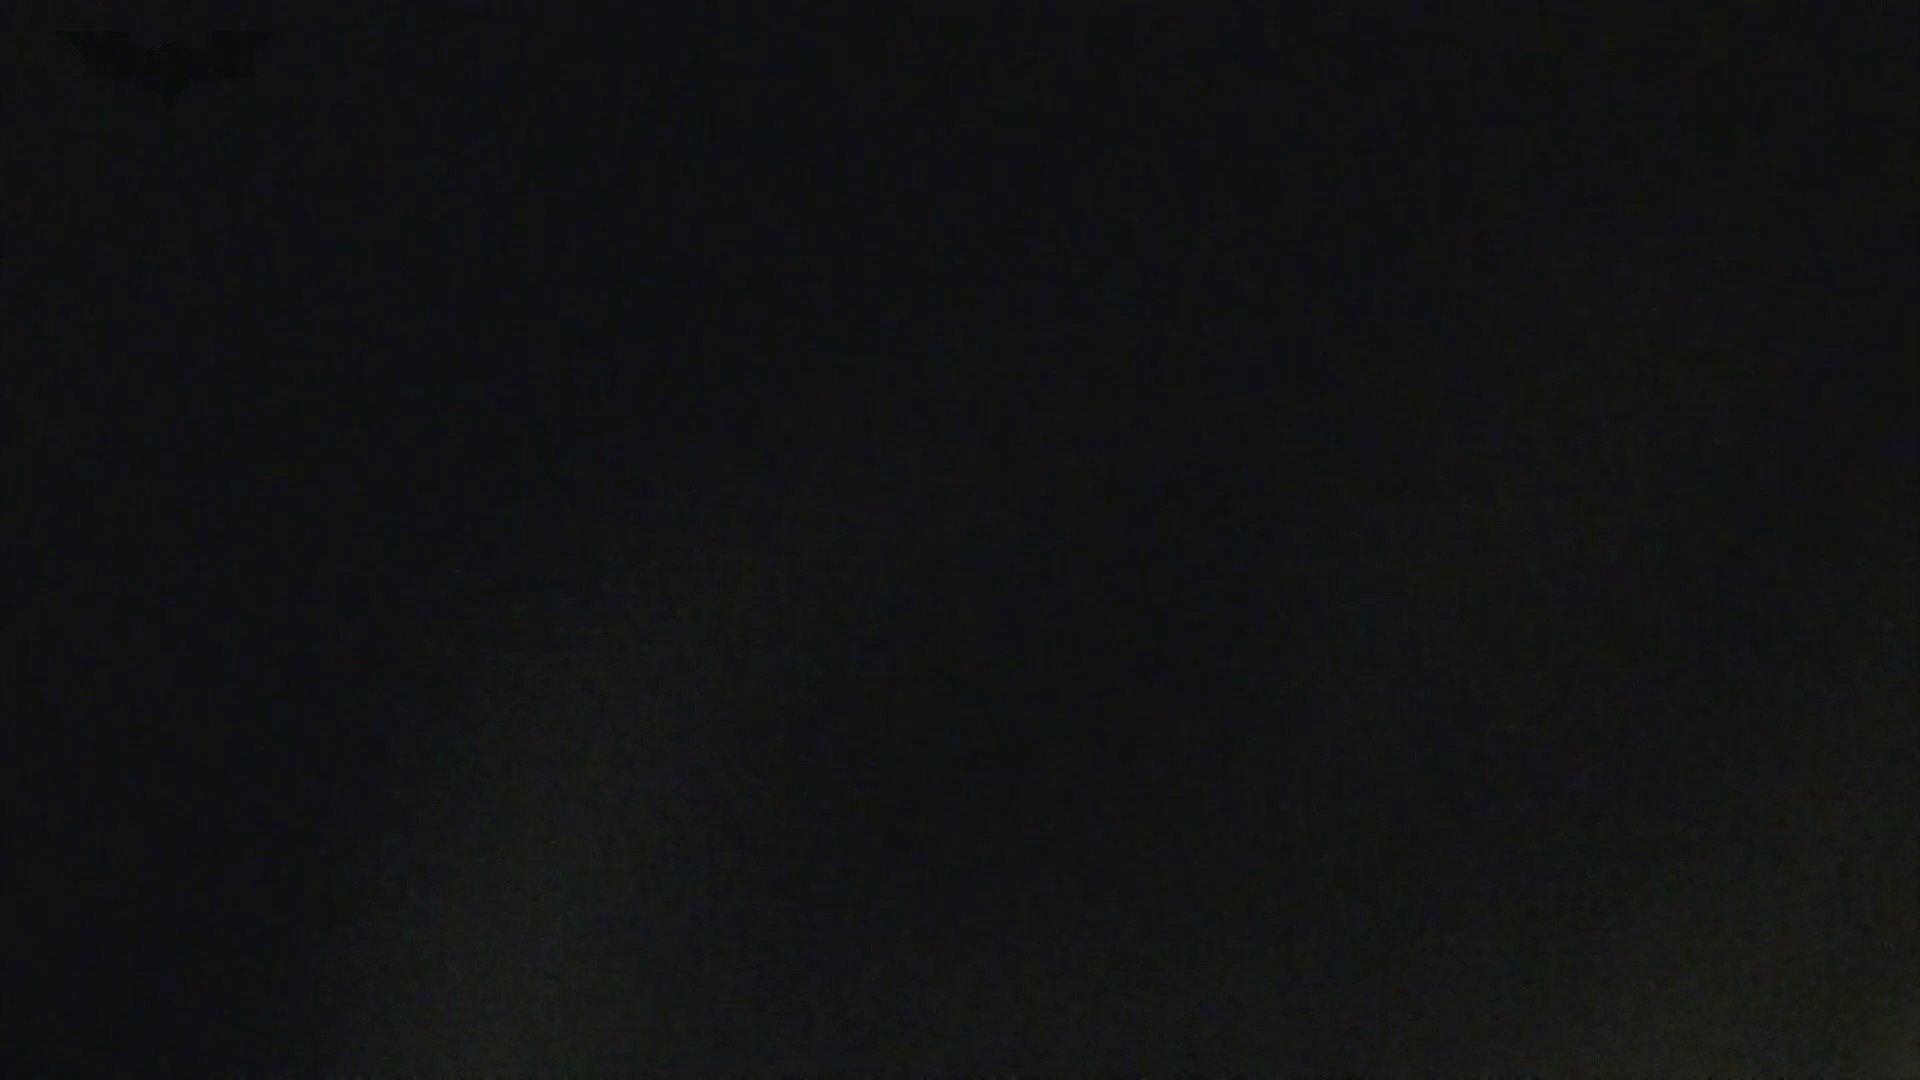 闇の花道 Vol.14影対ハイビジョン 身内のツマとの不倫陰部攻め 丸見え おめこ無修正動画無料 92枚 57